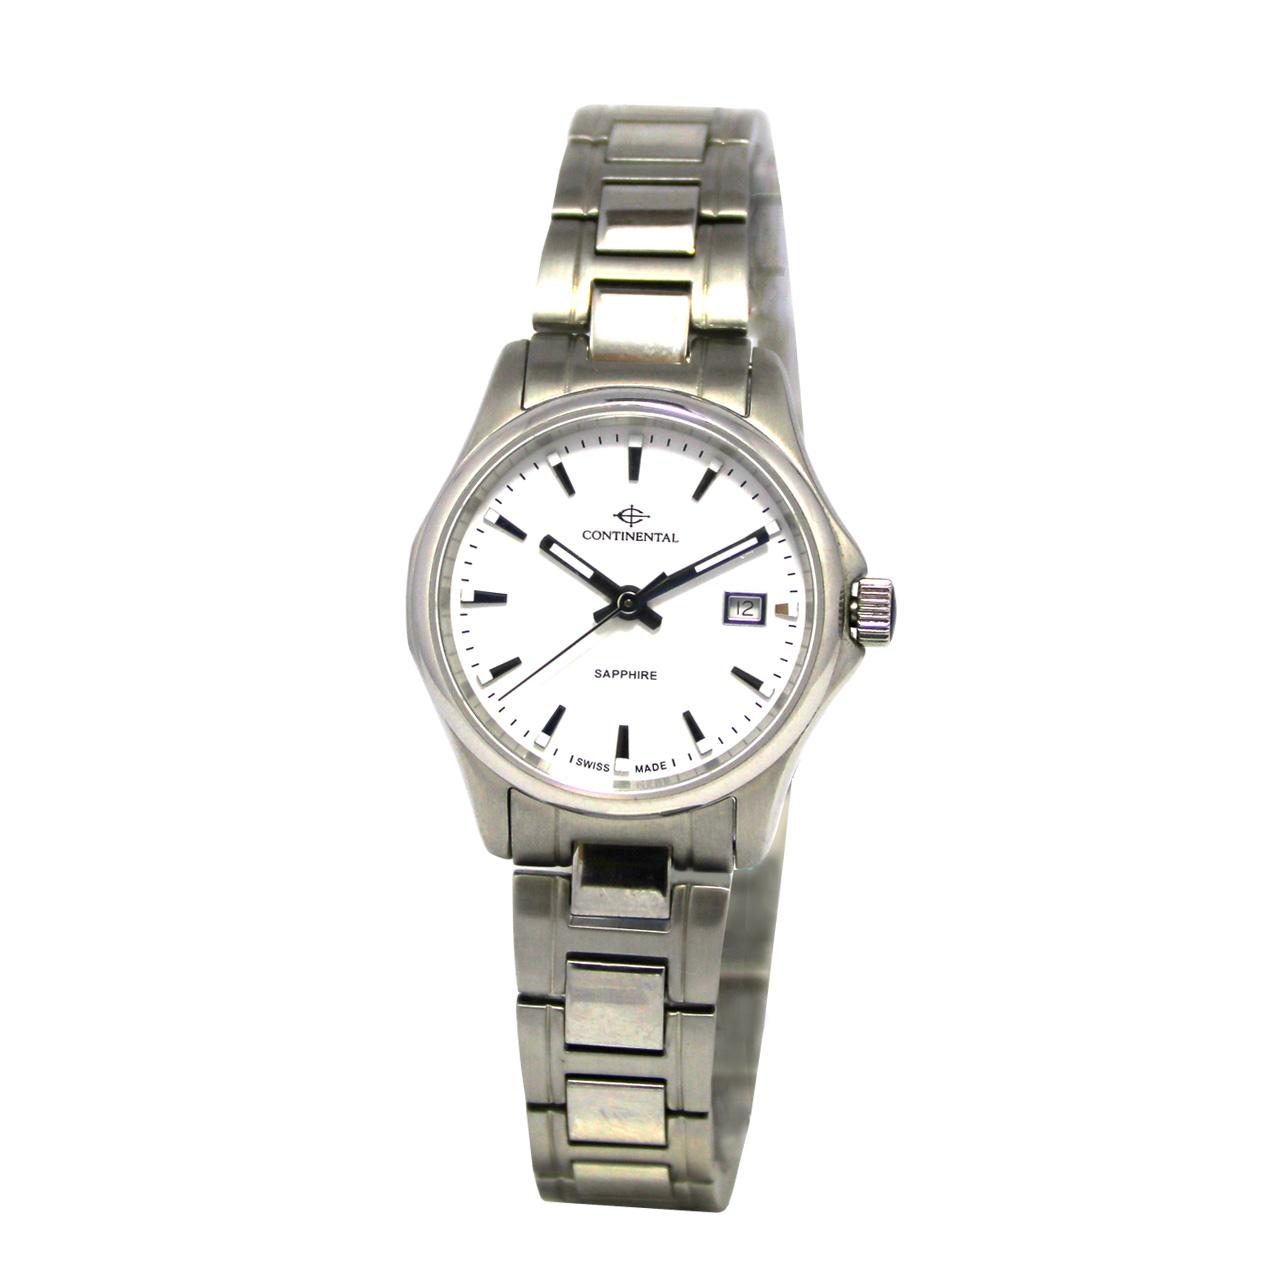 ساعت مچی عقربه ای زنانه کنتیننتال مدل 207-14203